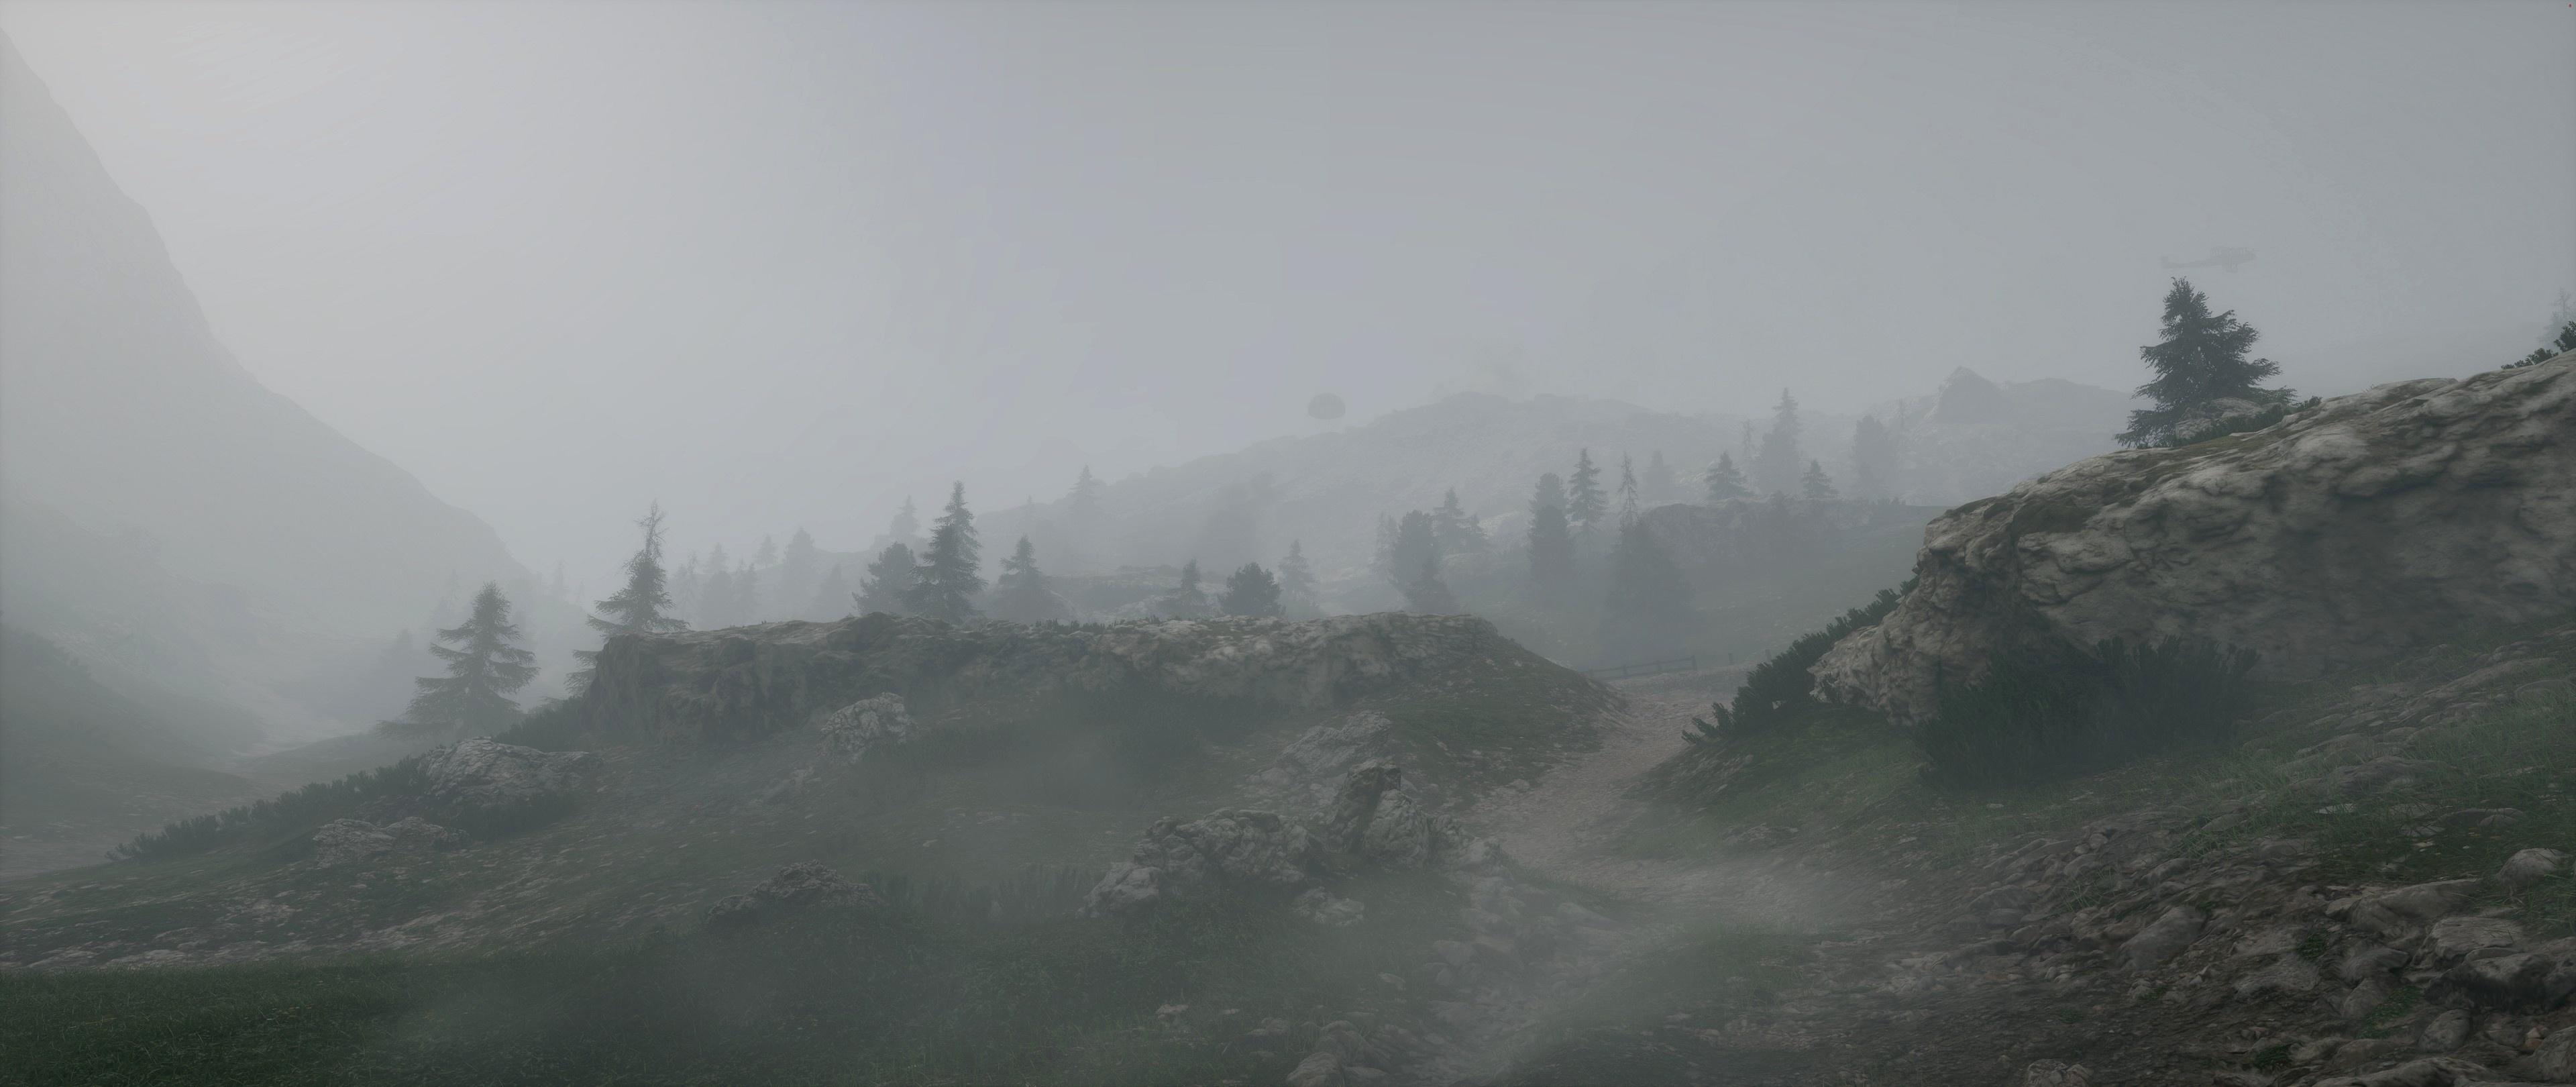 Battlefield 1 4К - Battlefield 1 4К, Скриншот